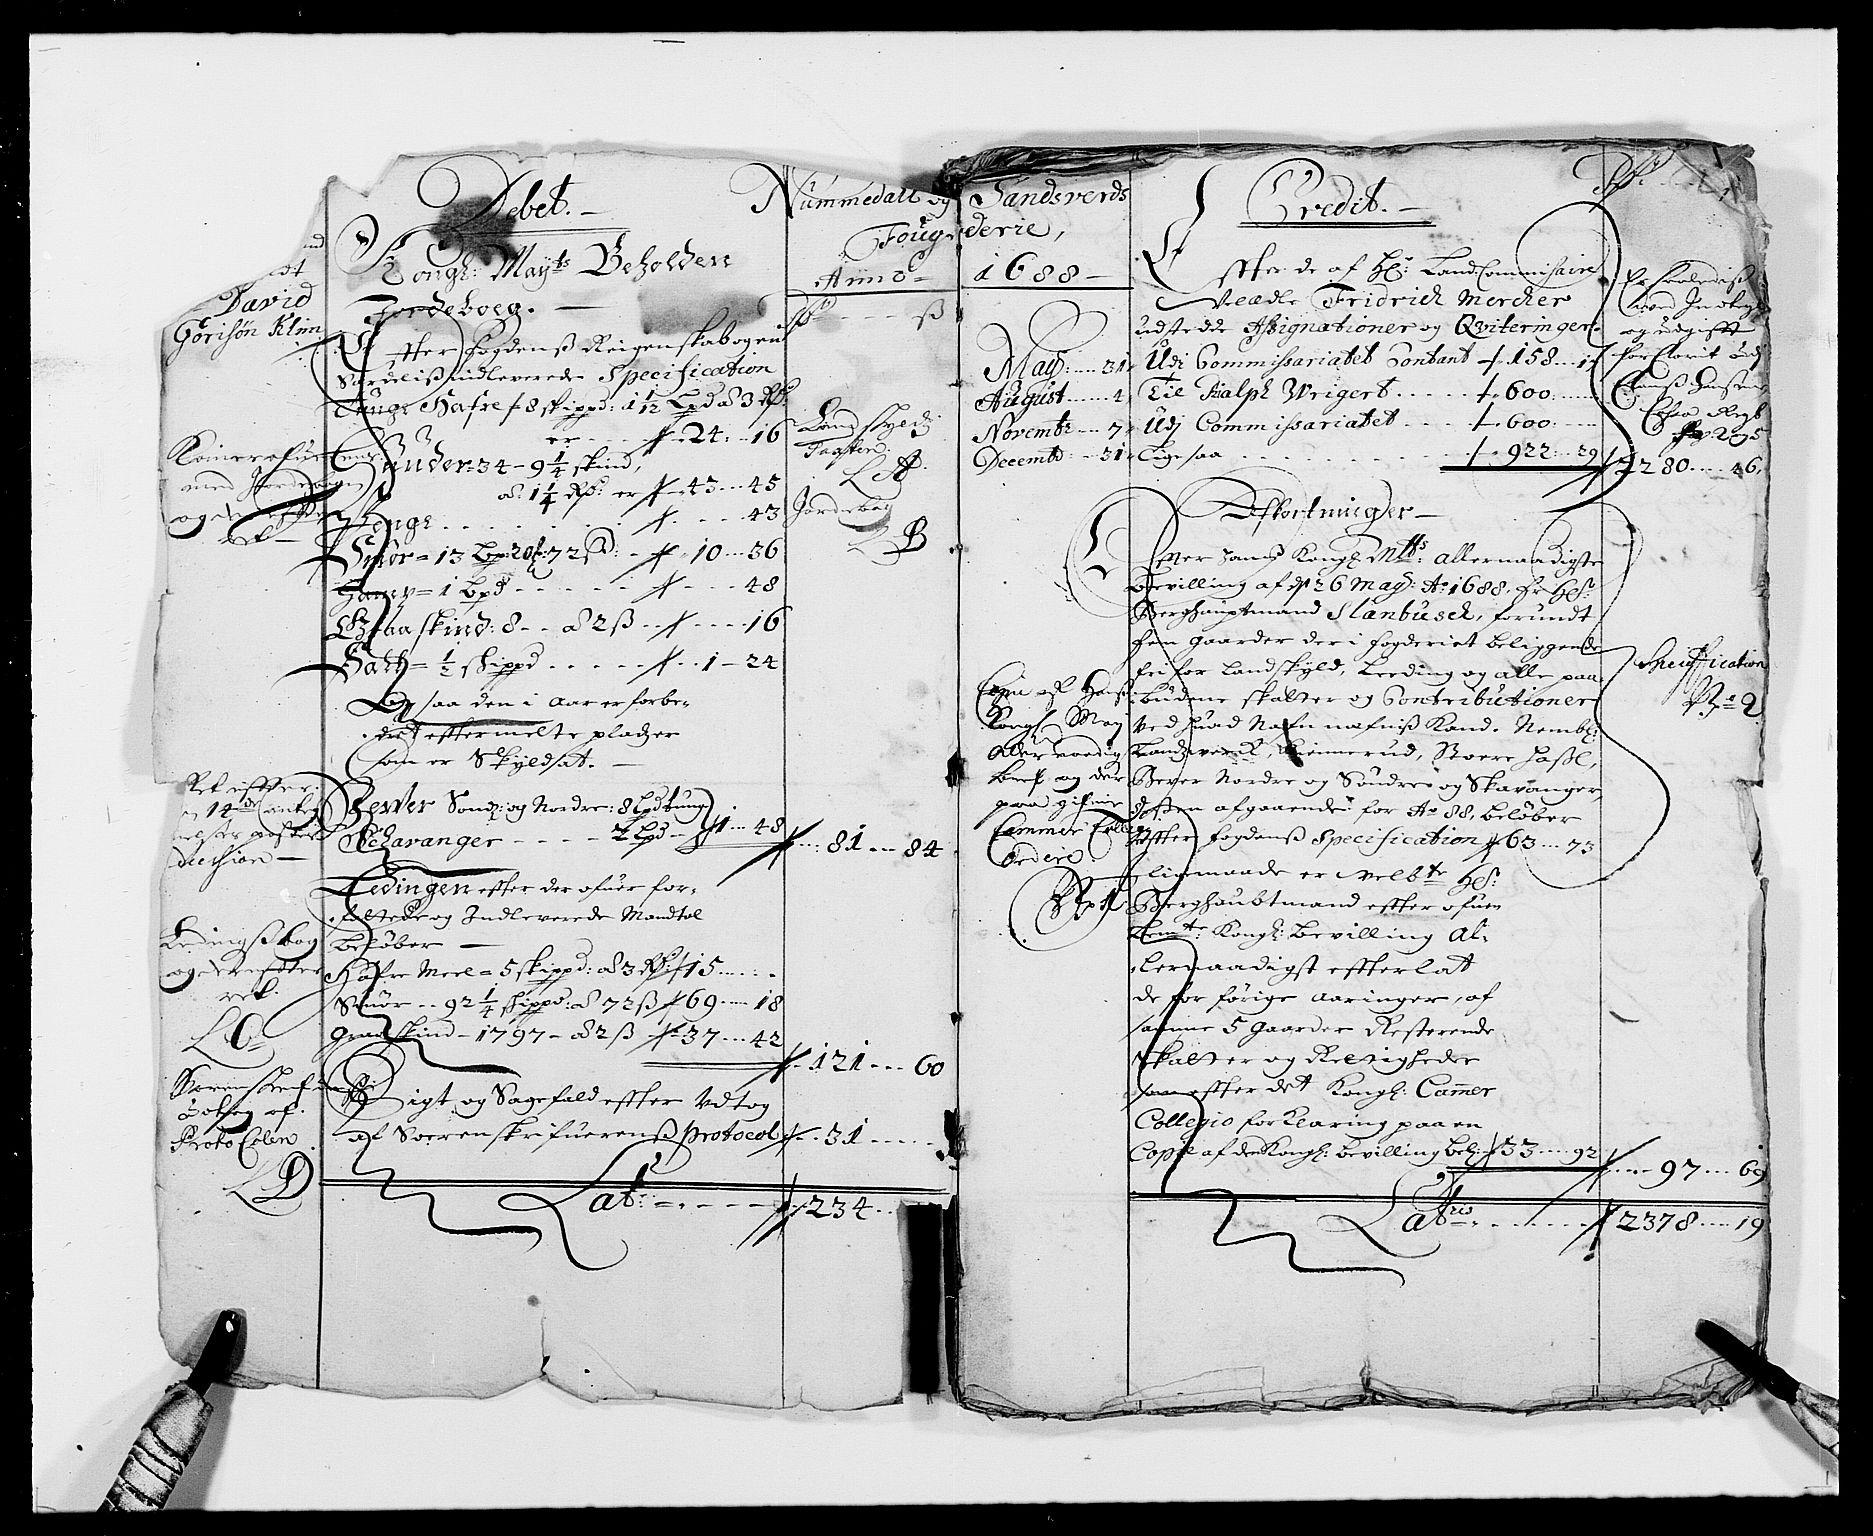 RA, Rentekammeret inntil 1814, Reviderte regnskaper, Fogderegnskap, R24/L1573: Fogderegnskap Numedal og Sandsvær, 1687-1691, s. 223